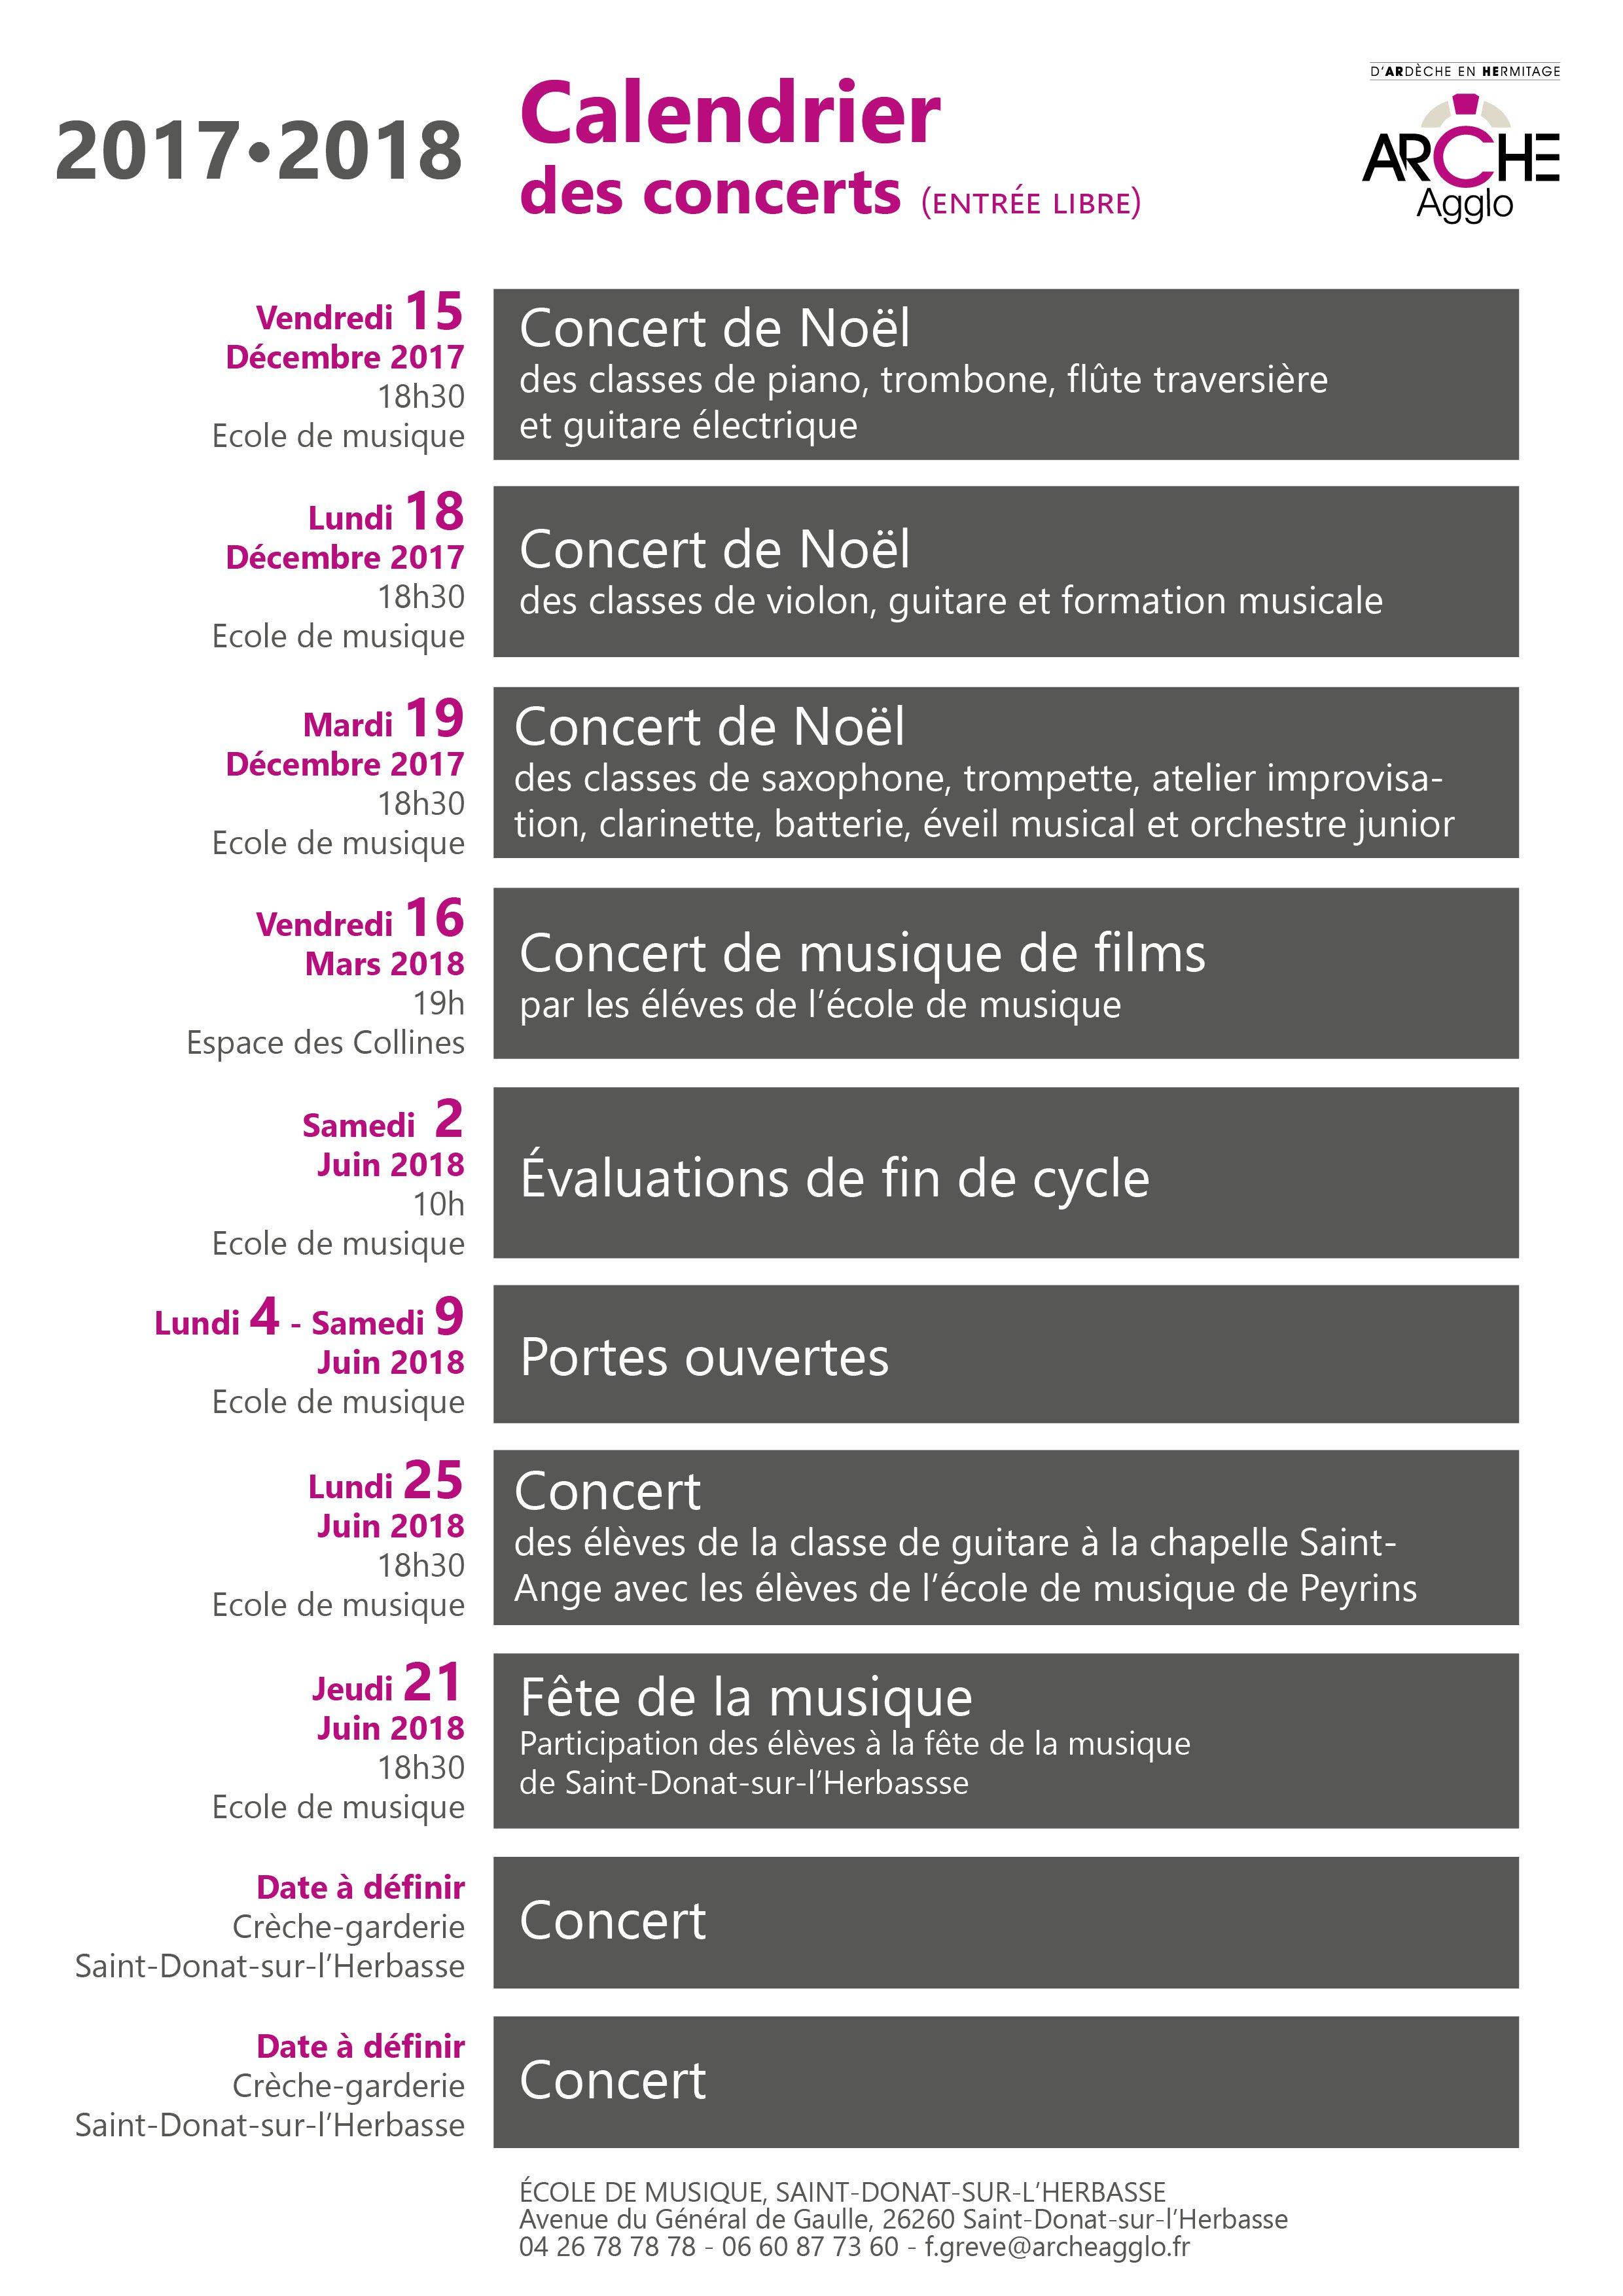 calendrier-concerts-ecole-musique.png